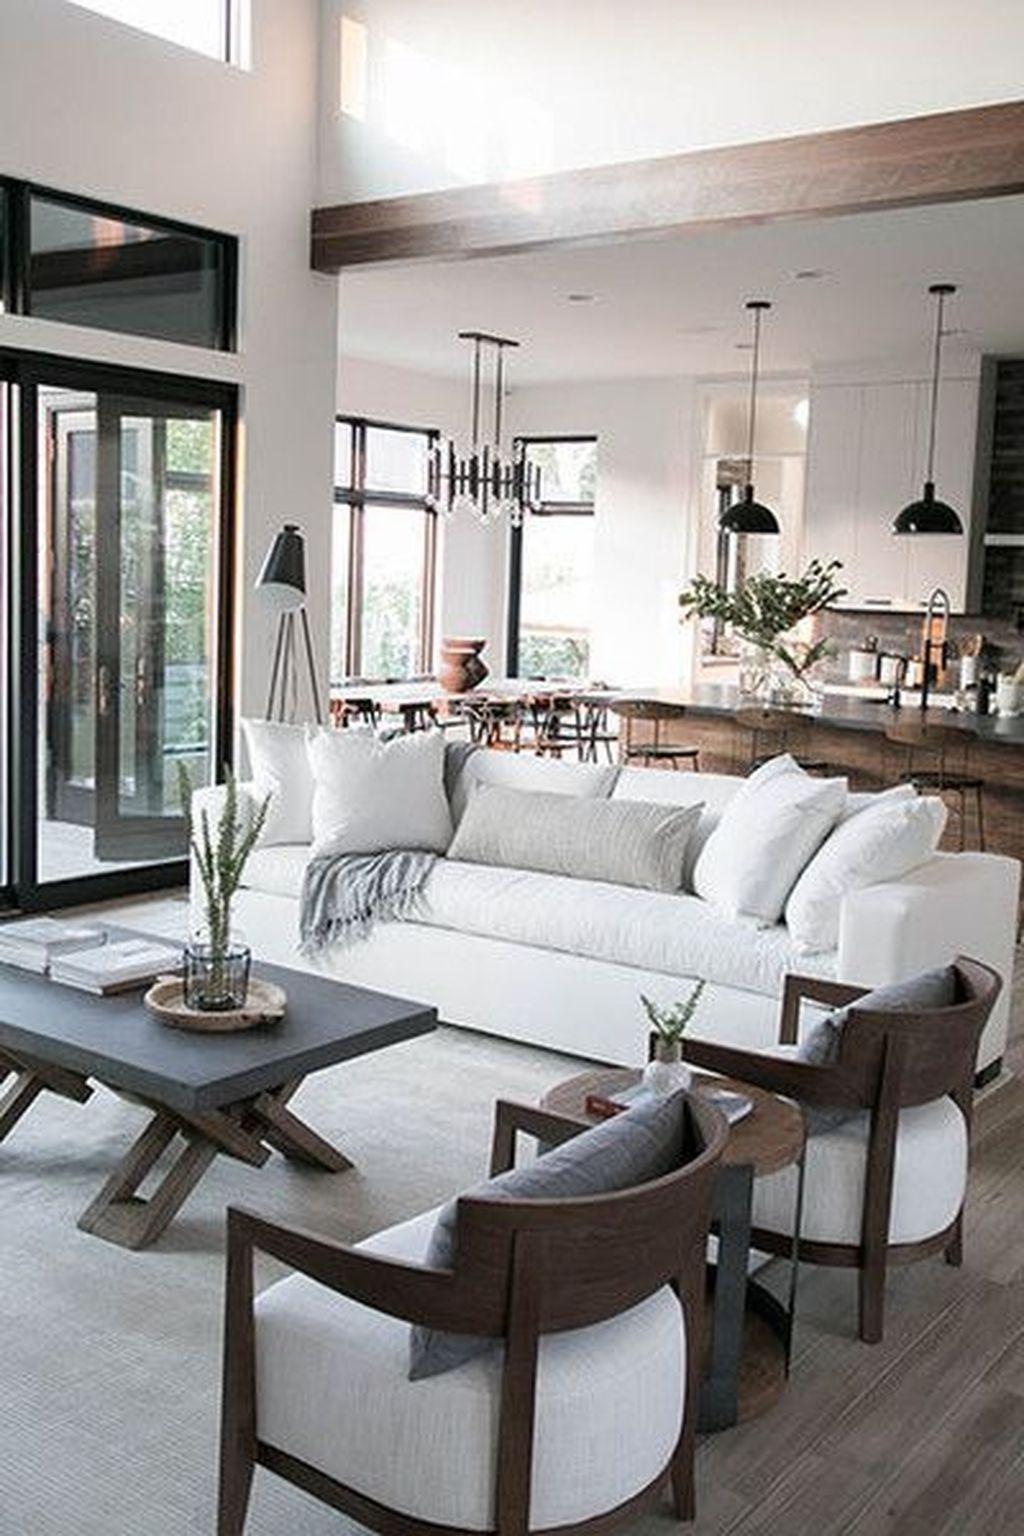 20 Elegant Open Plan Living Room Decorating Ideas Trendhmdcr Neutral Living Room Design Open Living Room Design Farm House Living Room